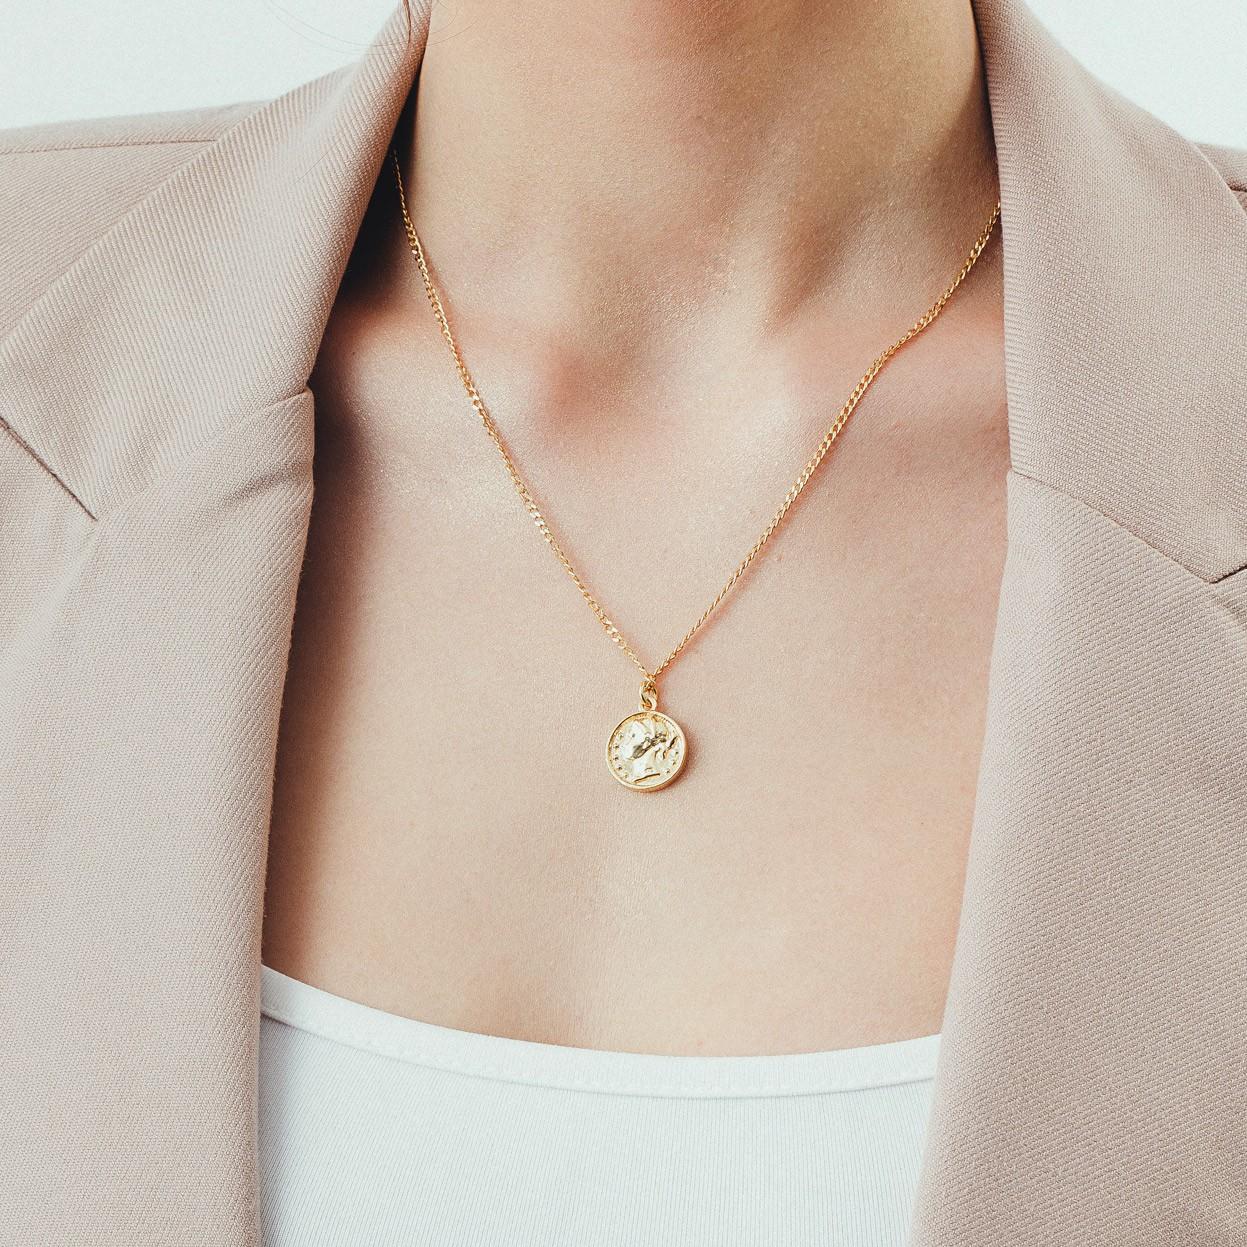 Mirror necklace 925